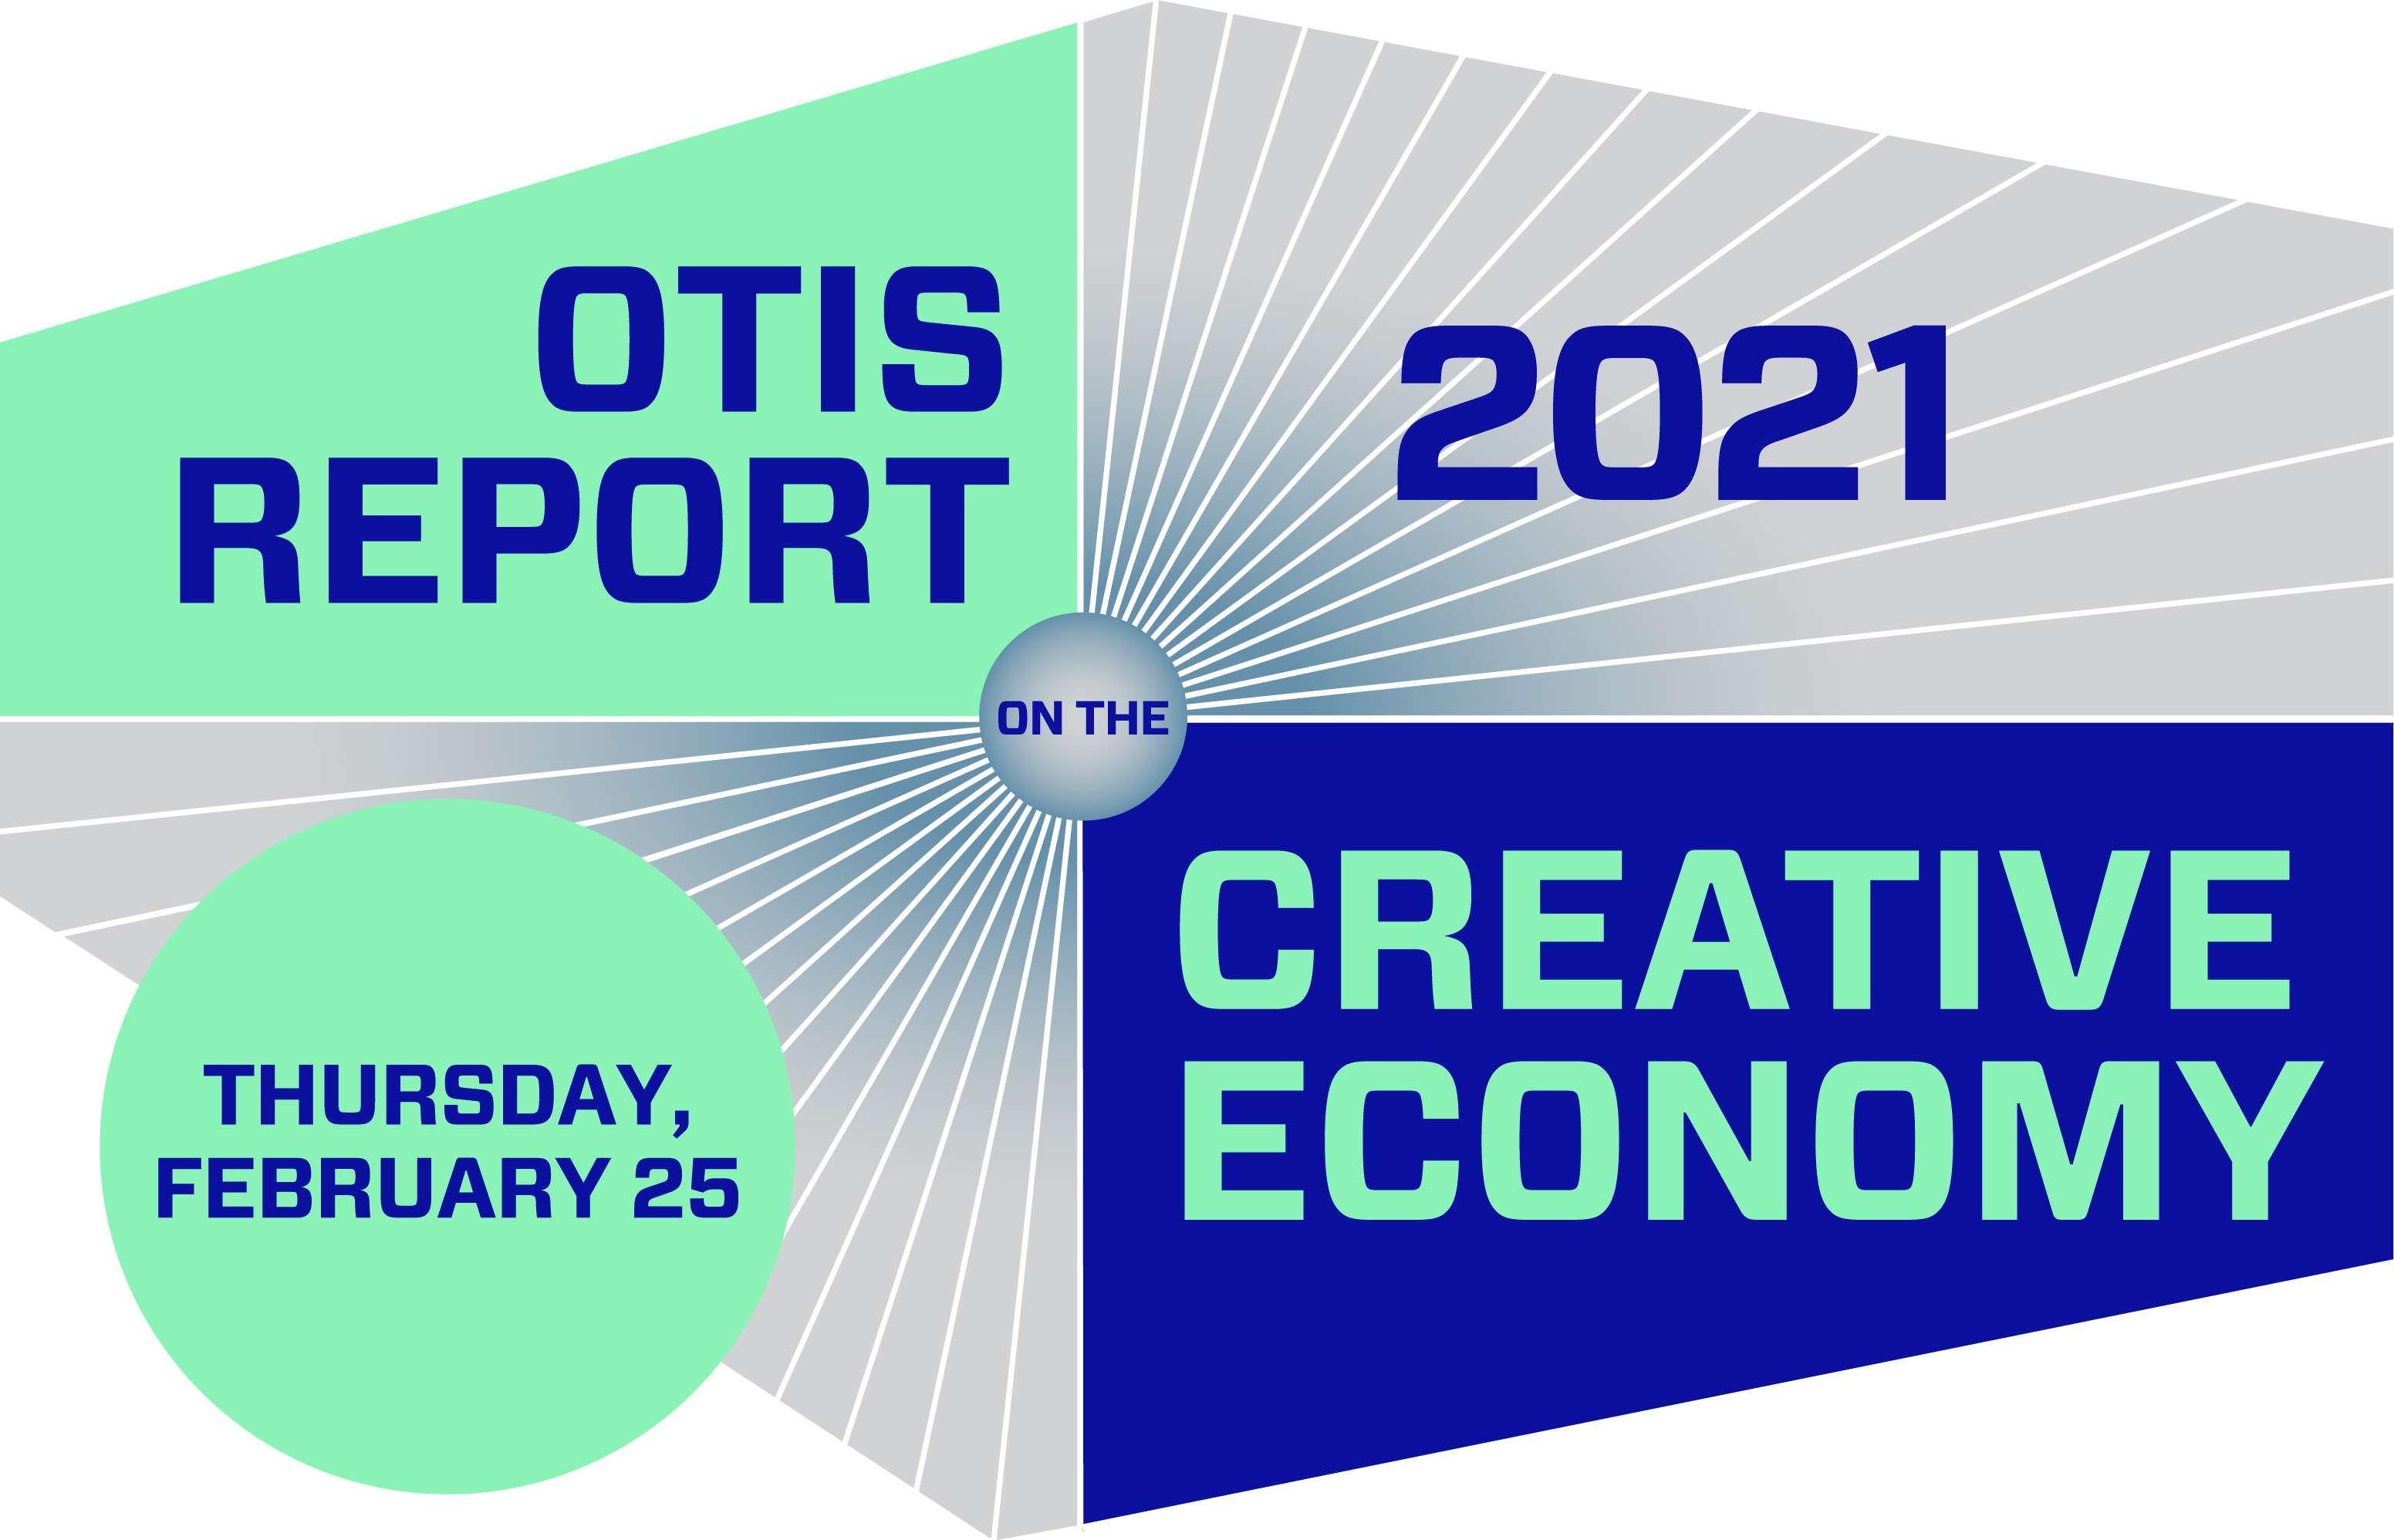 2021 Otis Report on the Creative Economy